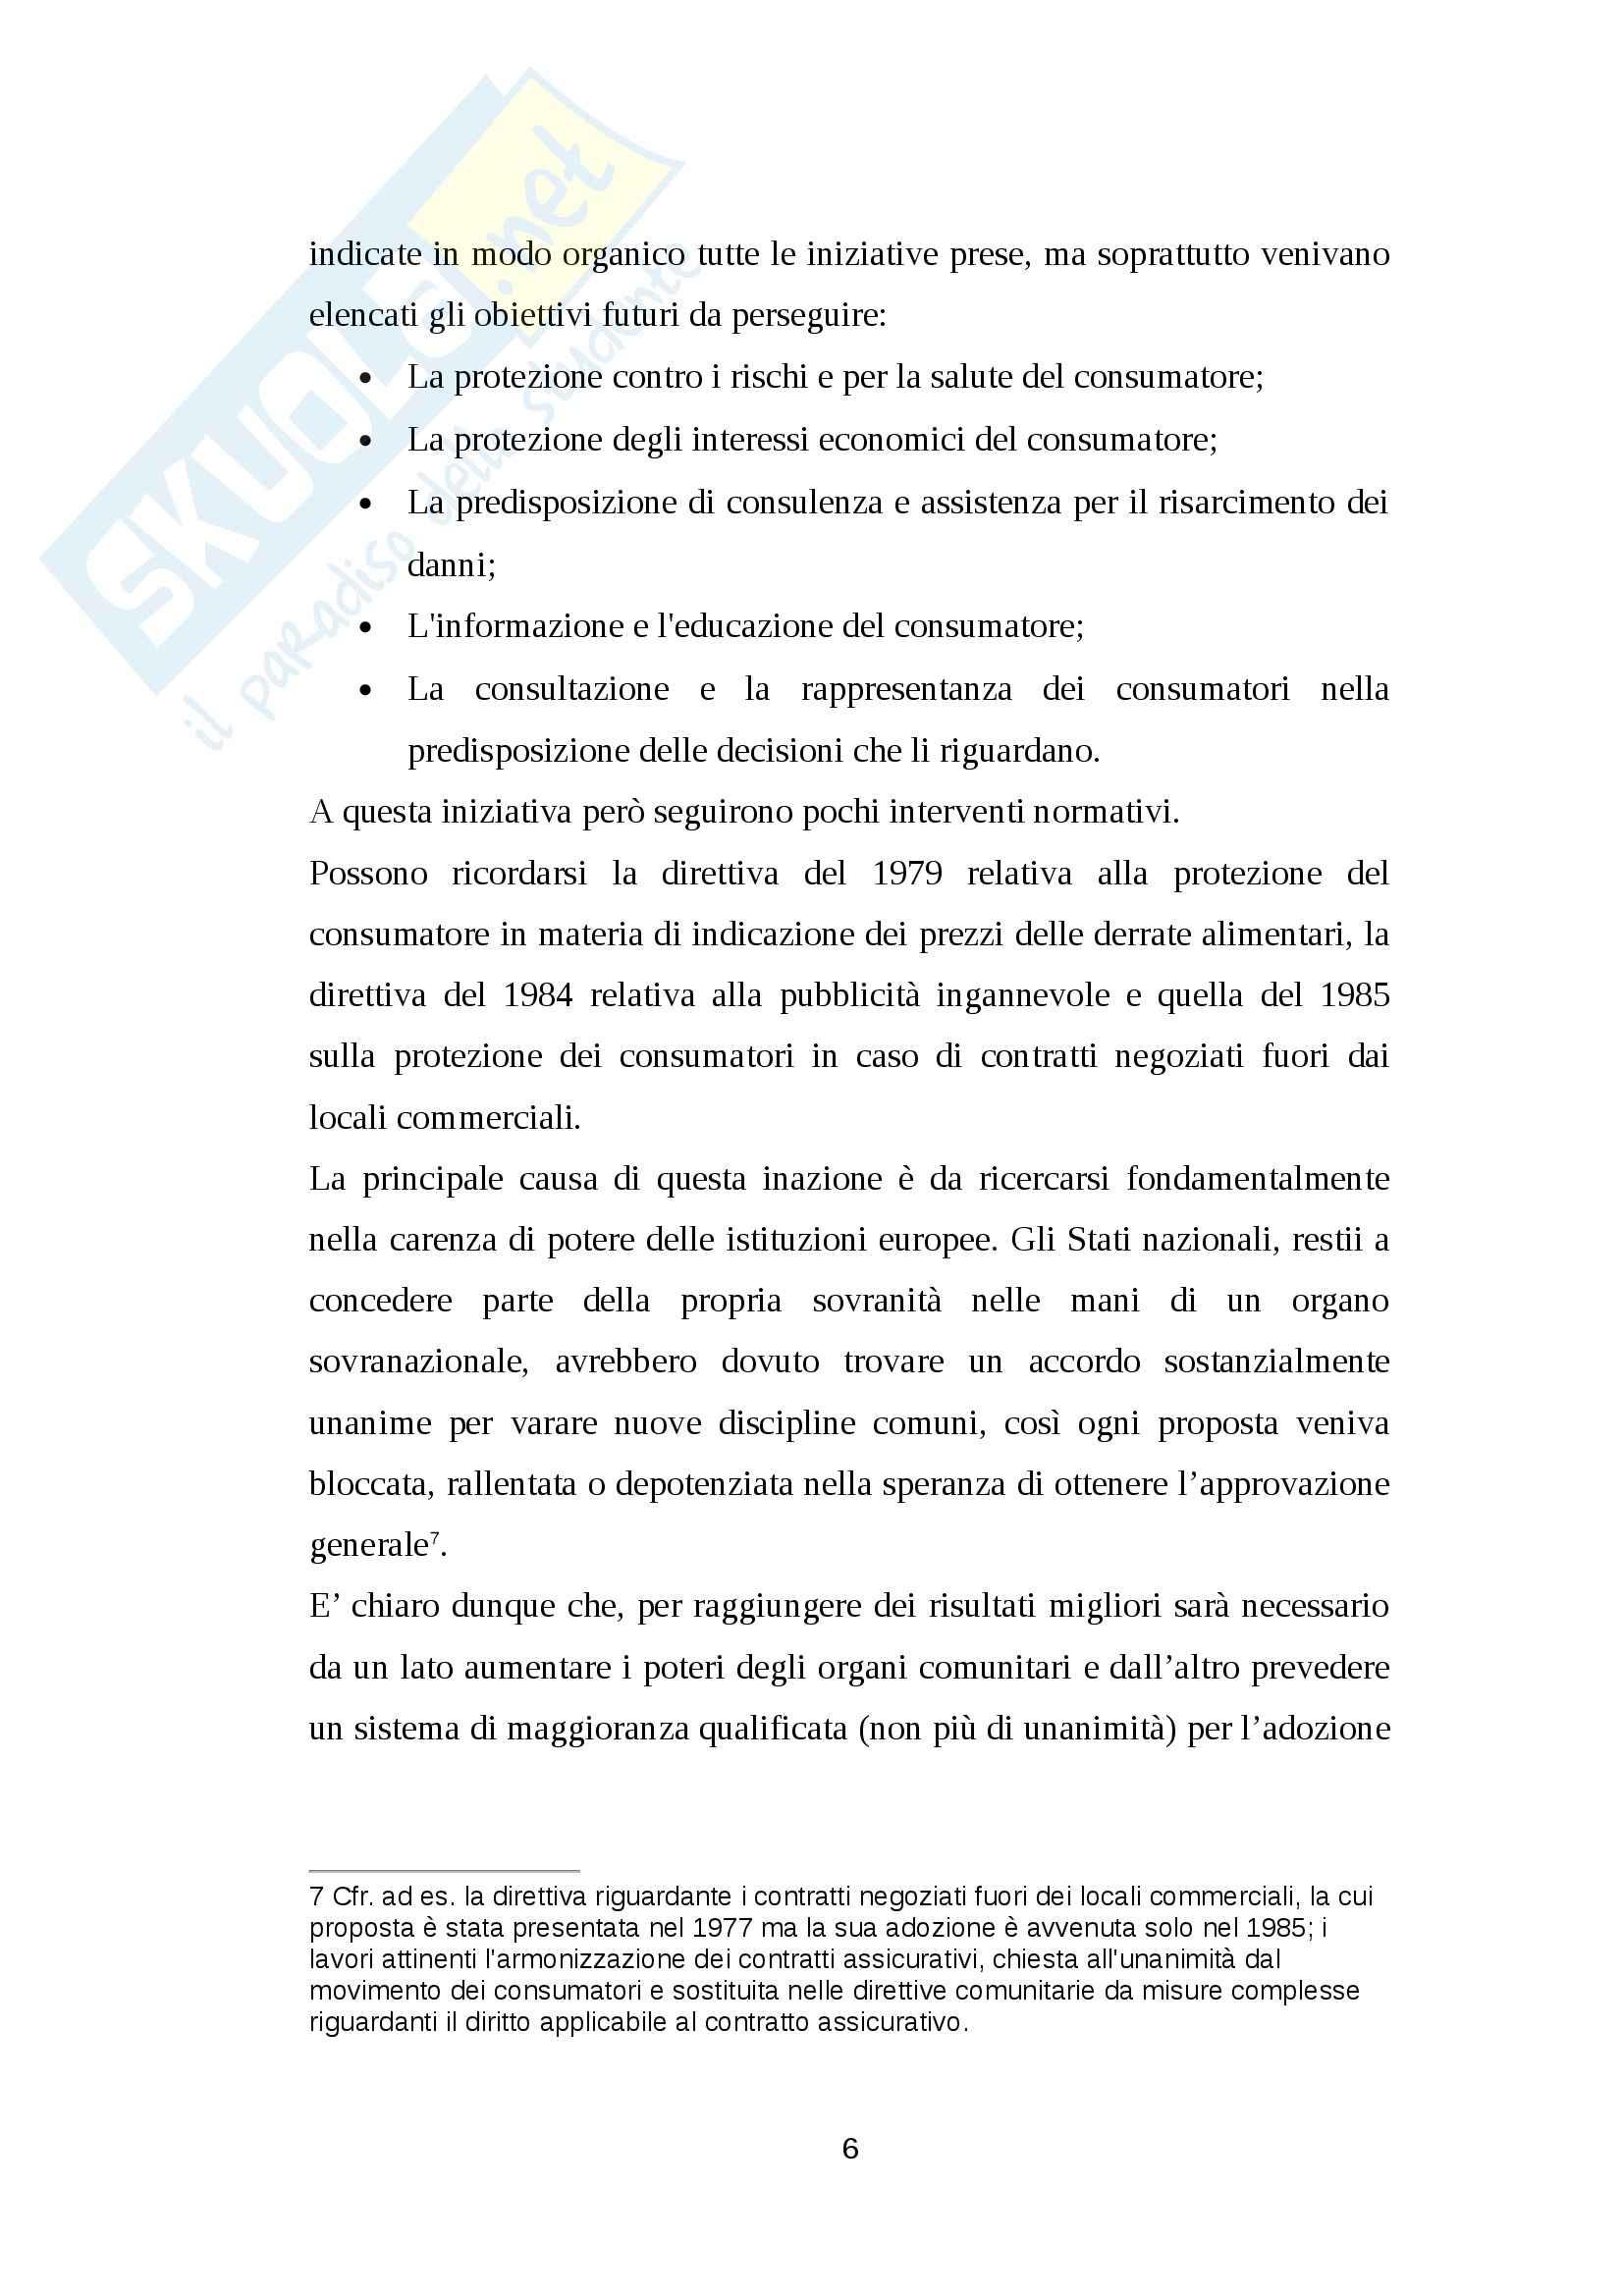 Diritto privato - consumerism Pag. 6